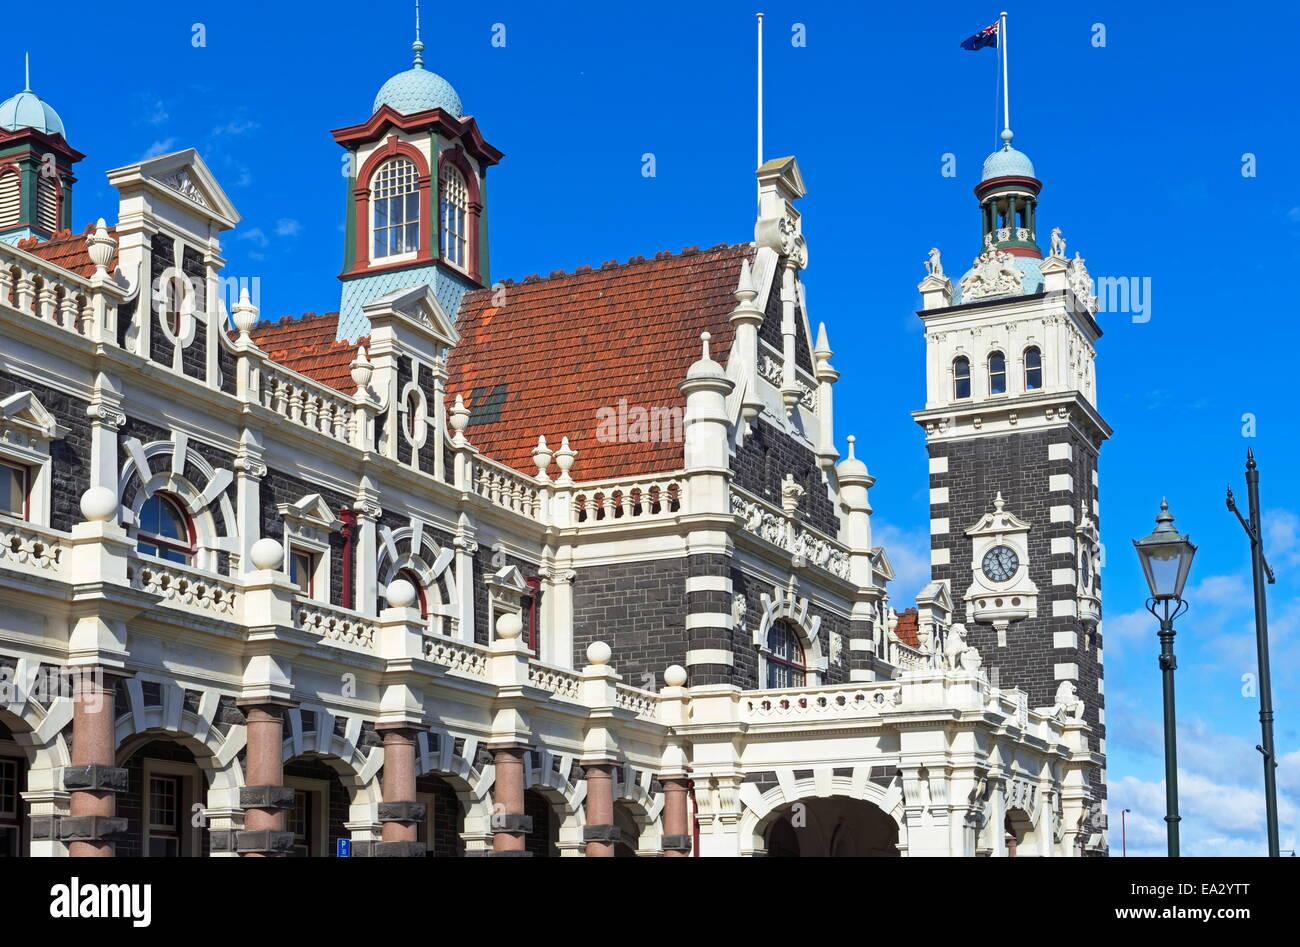 La gare de Dunedin, Dunedin, Otago, île du Sud, Nouvelle-Zélande, Pacifique Banque D'Images